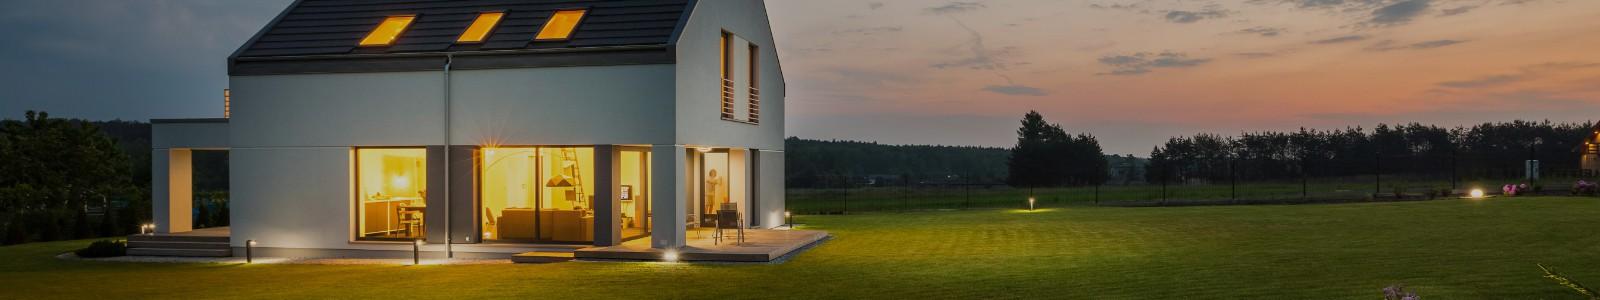 Projekty Domów z Dachem Wielospadowym